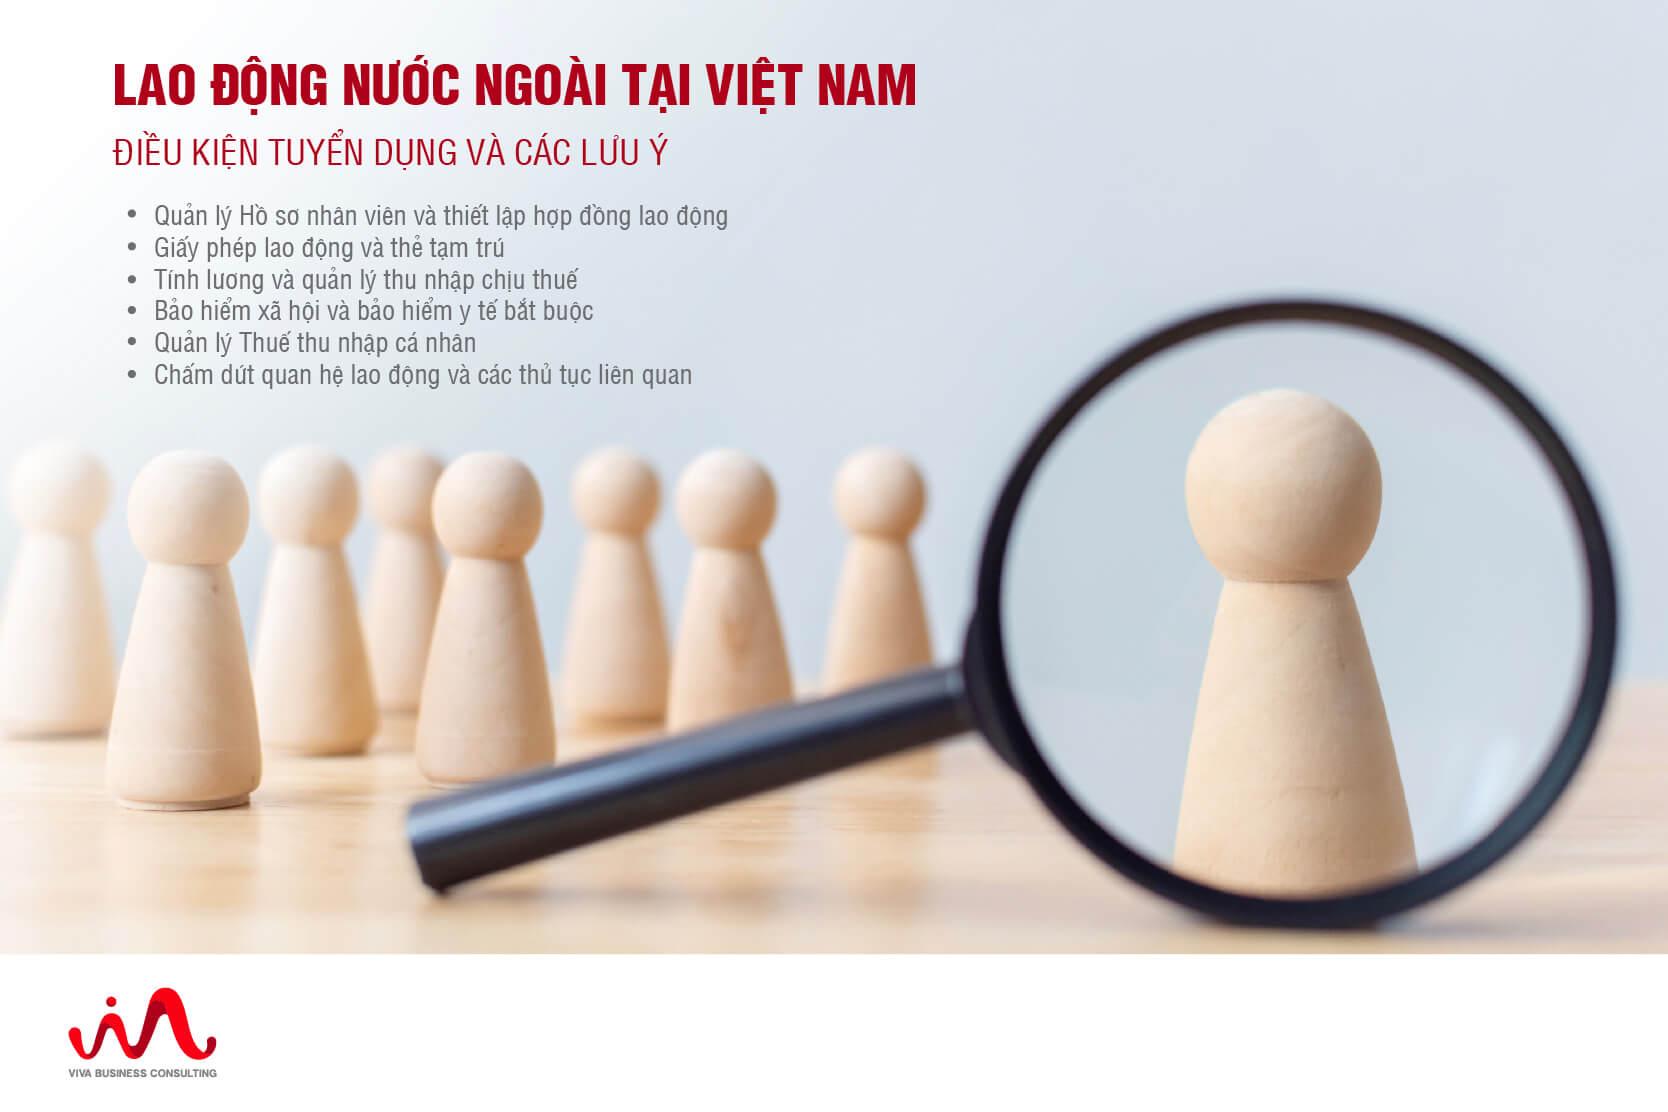 Tuyển dụng lao động nước ngoài làm việc tại Việt Nam